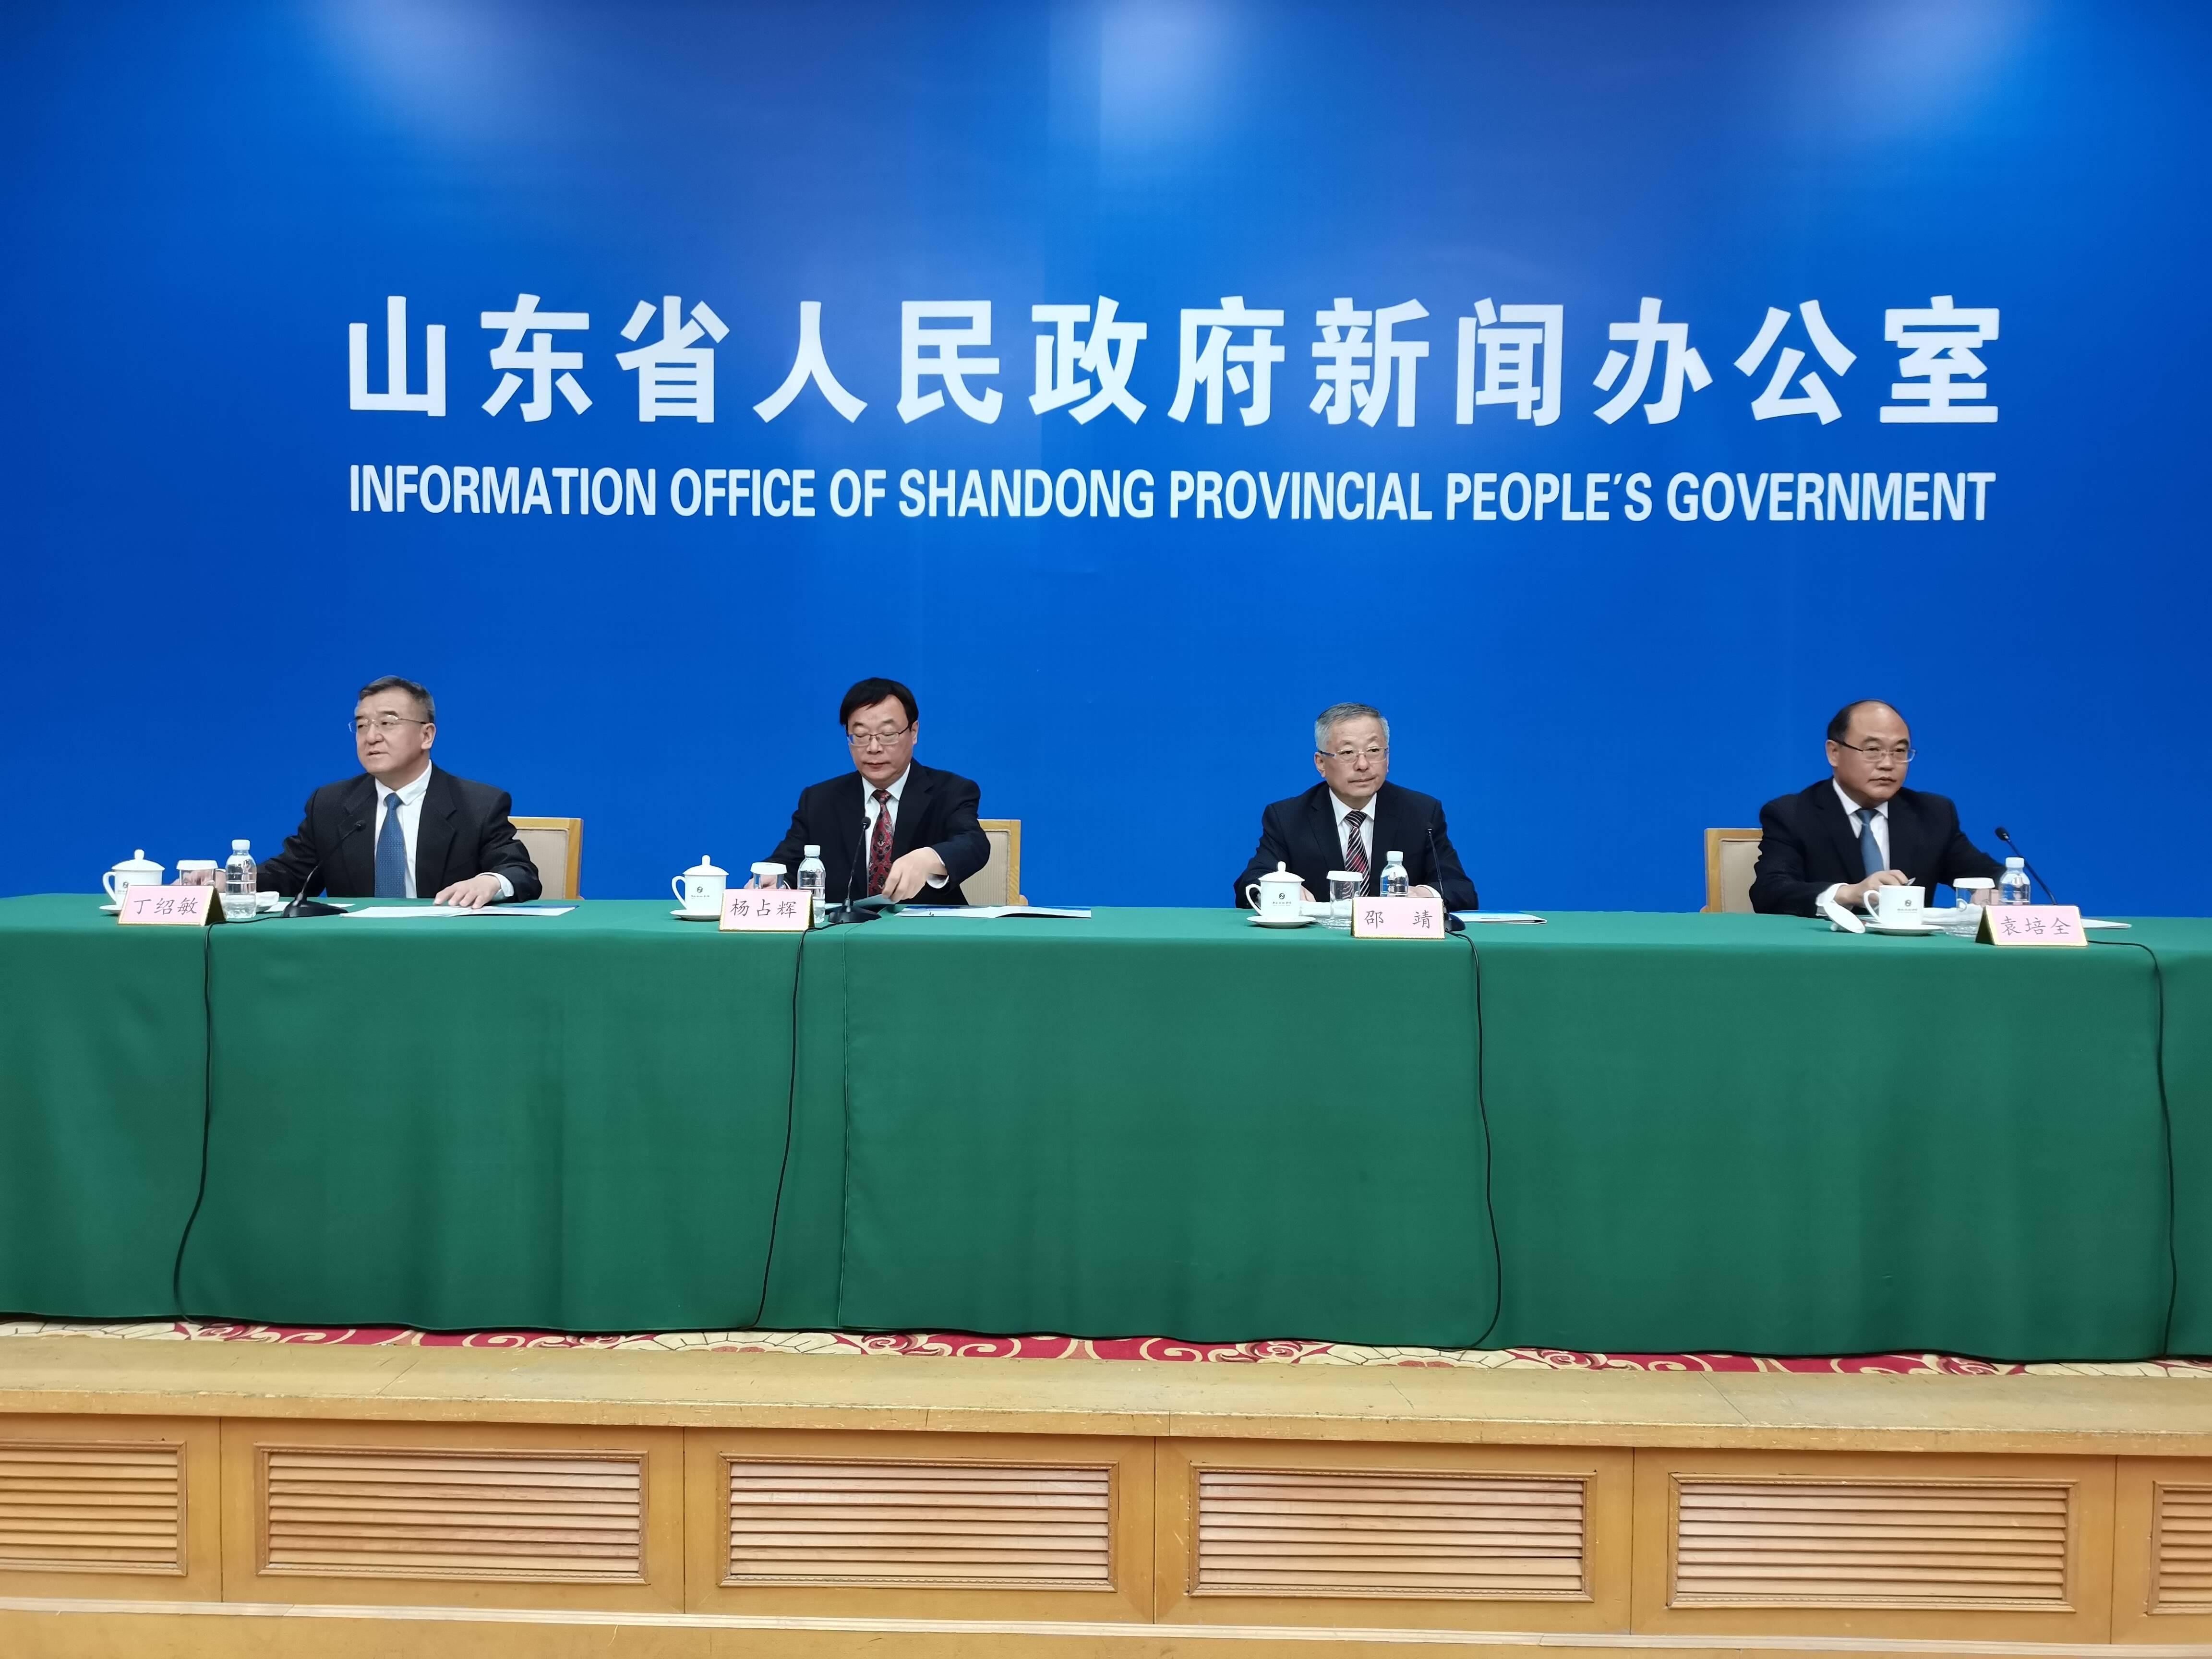 权威发布|今年上半年山东省属企业新增上市公司3家 控股上市公司达42家